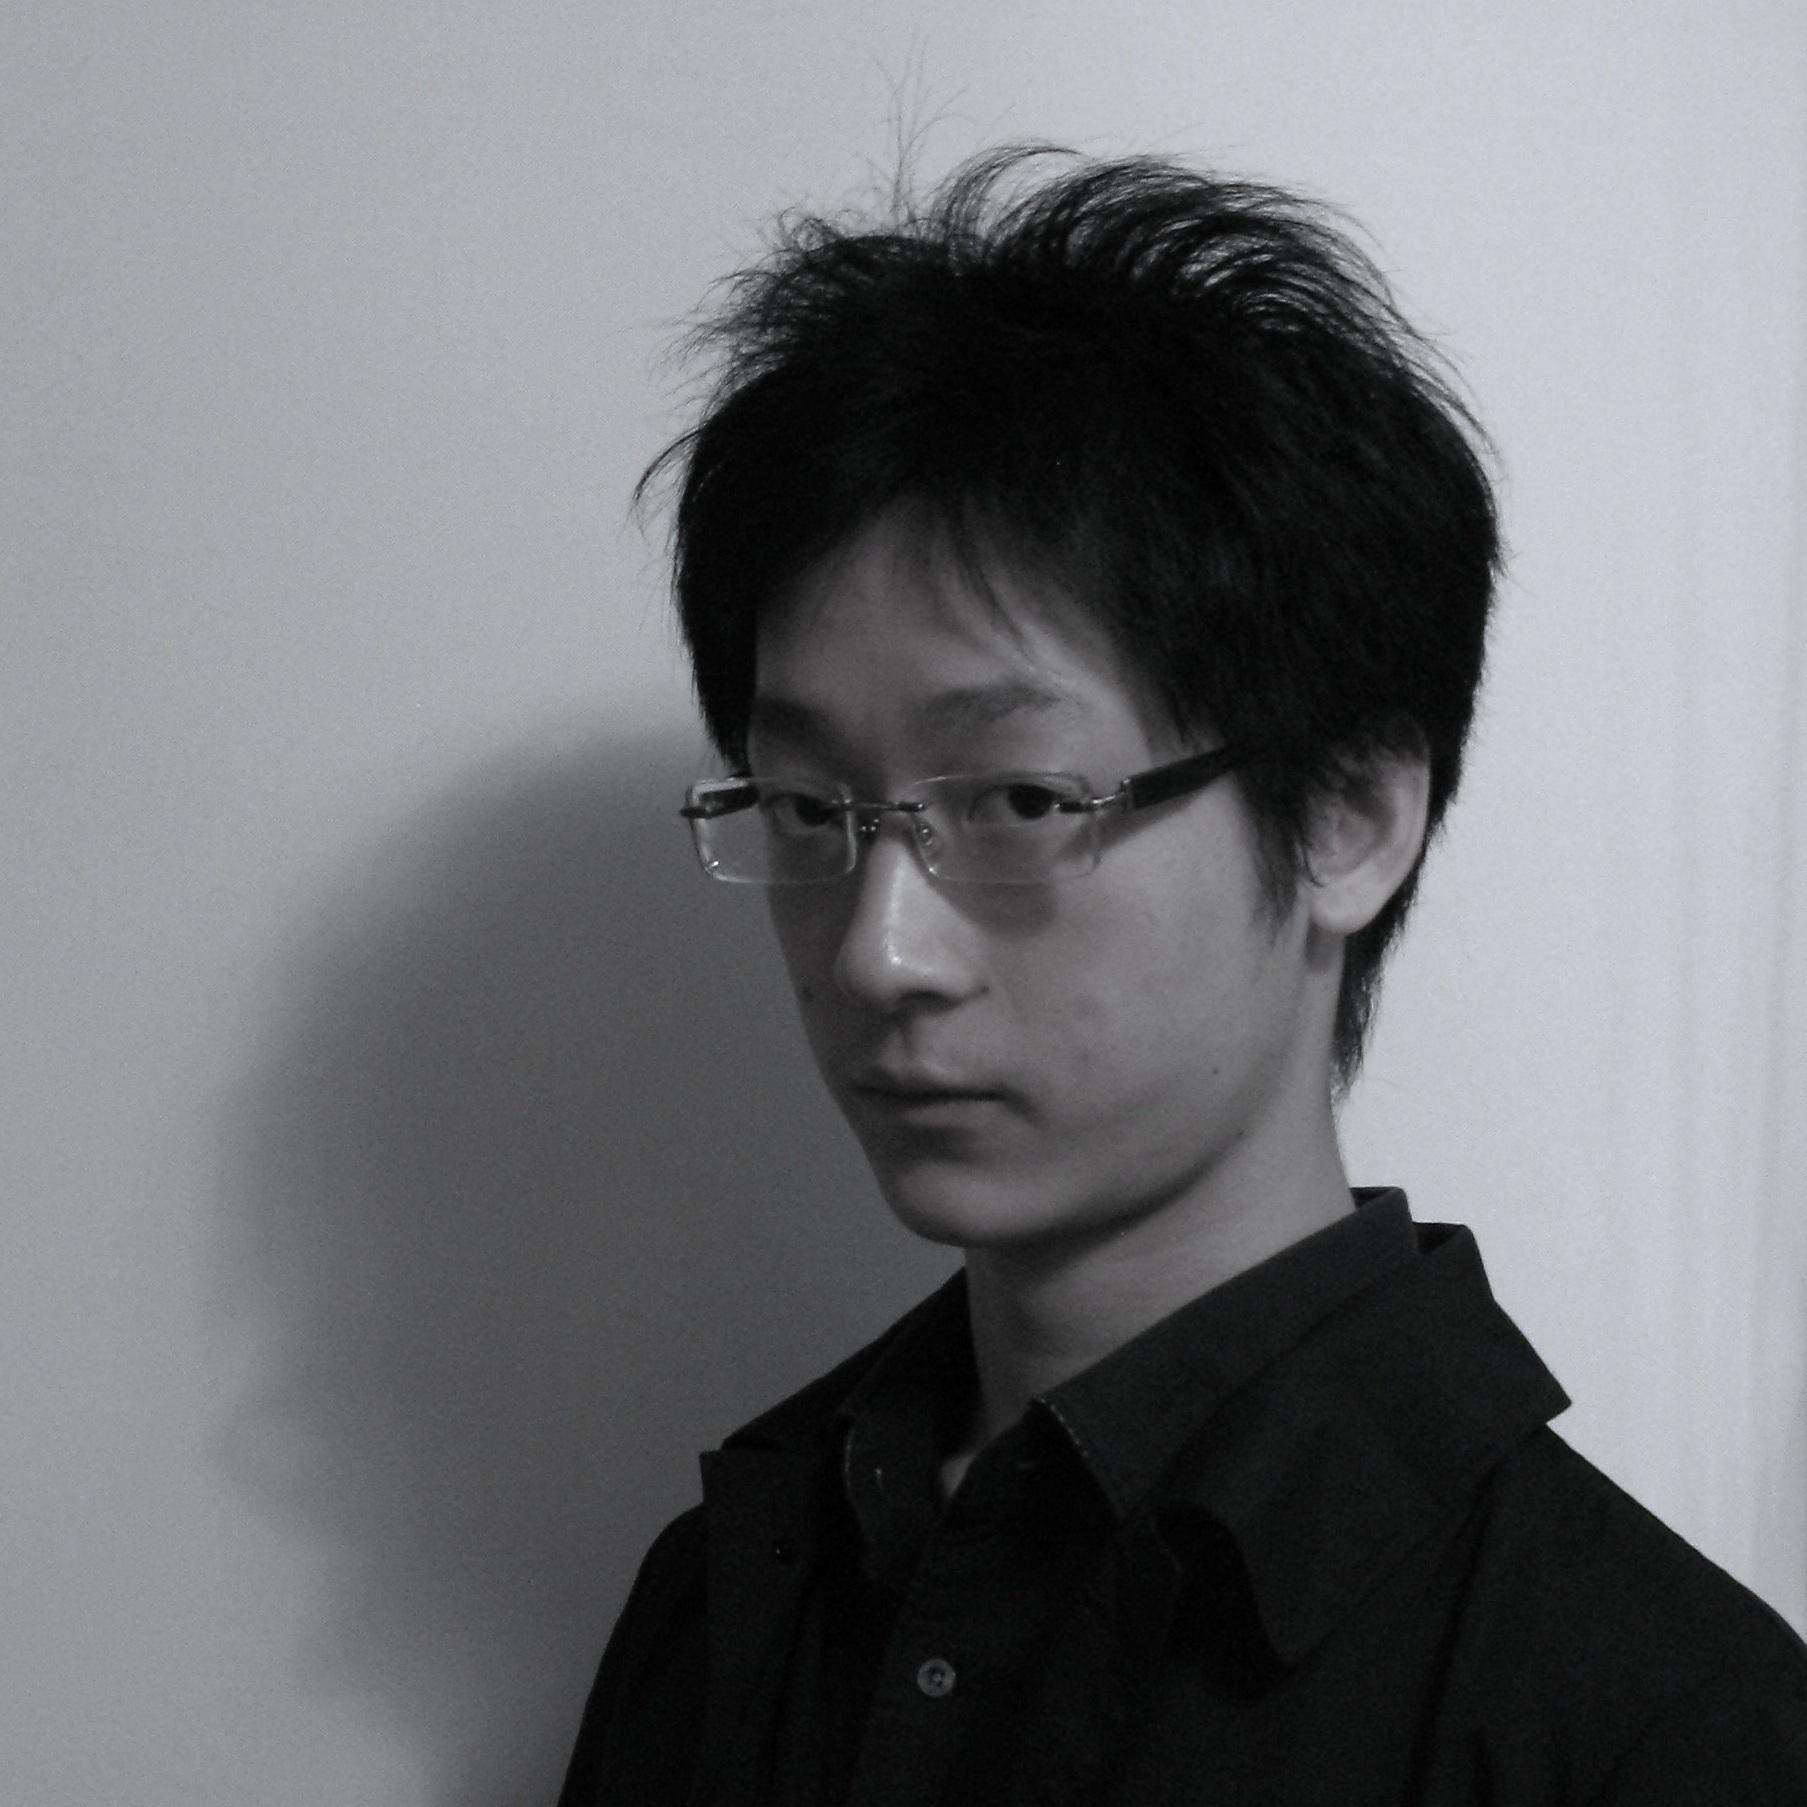 Gordon Dic-lun Fung